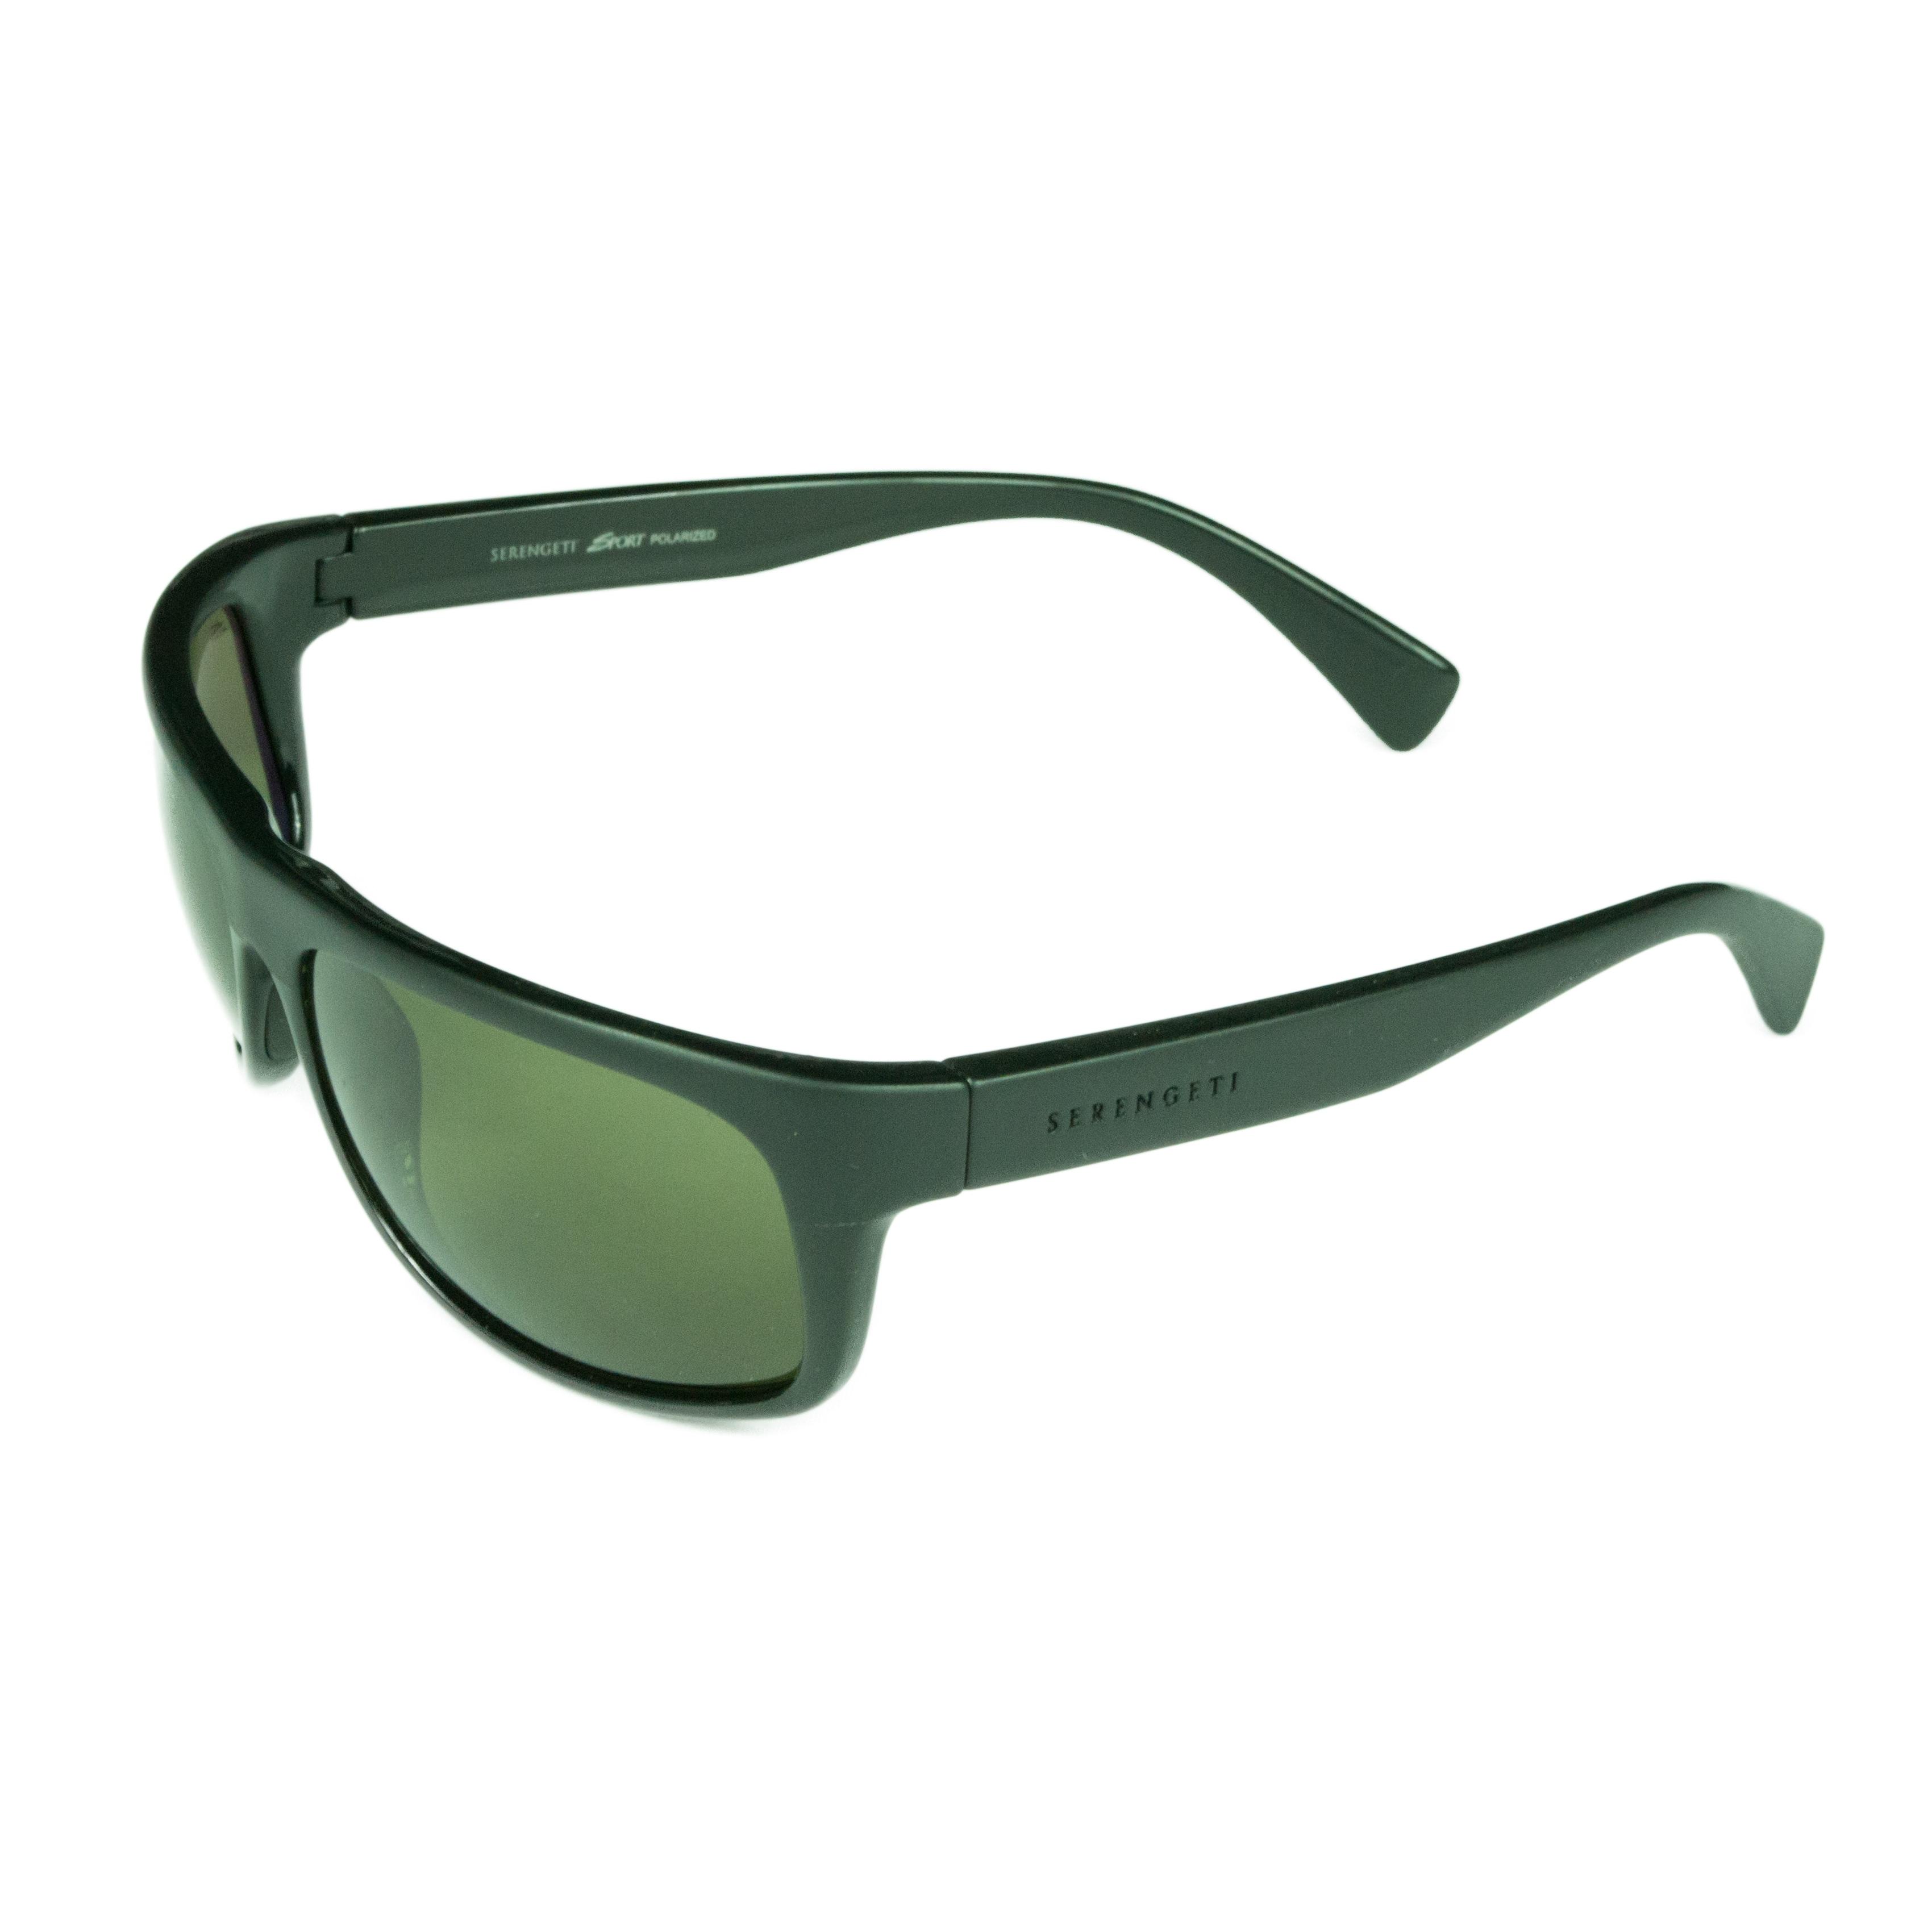 14131c39ee3 Serengeti Sunglasses